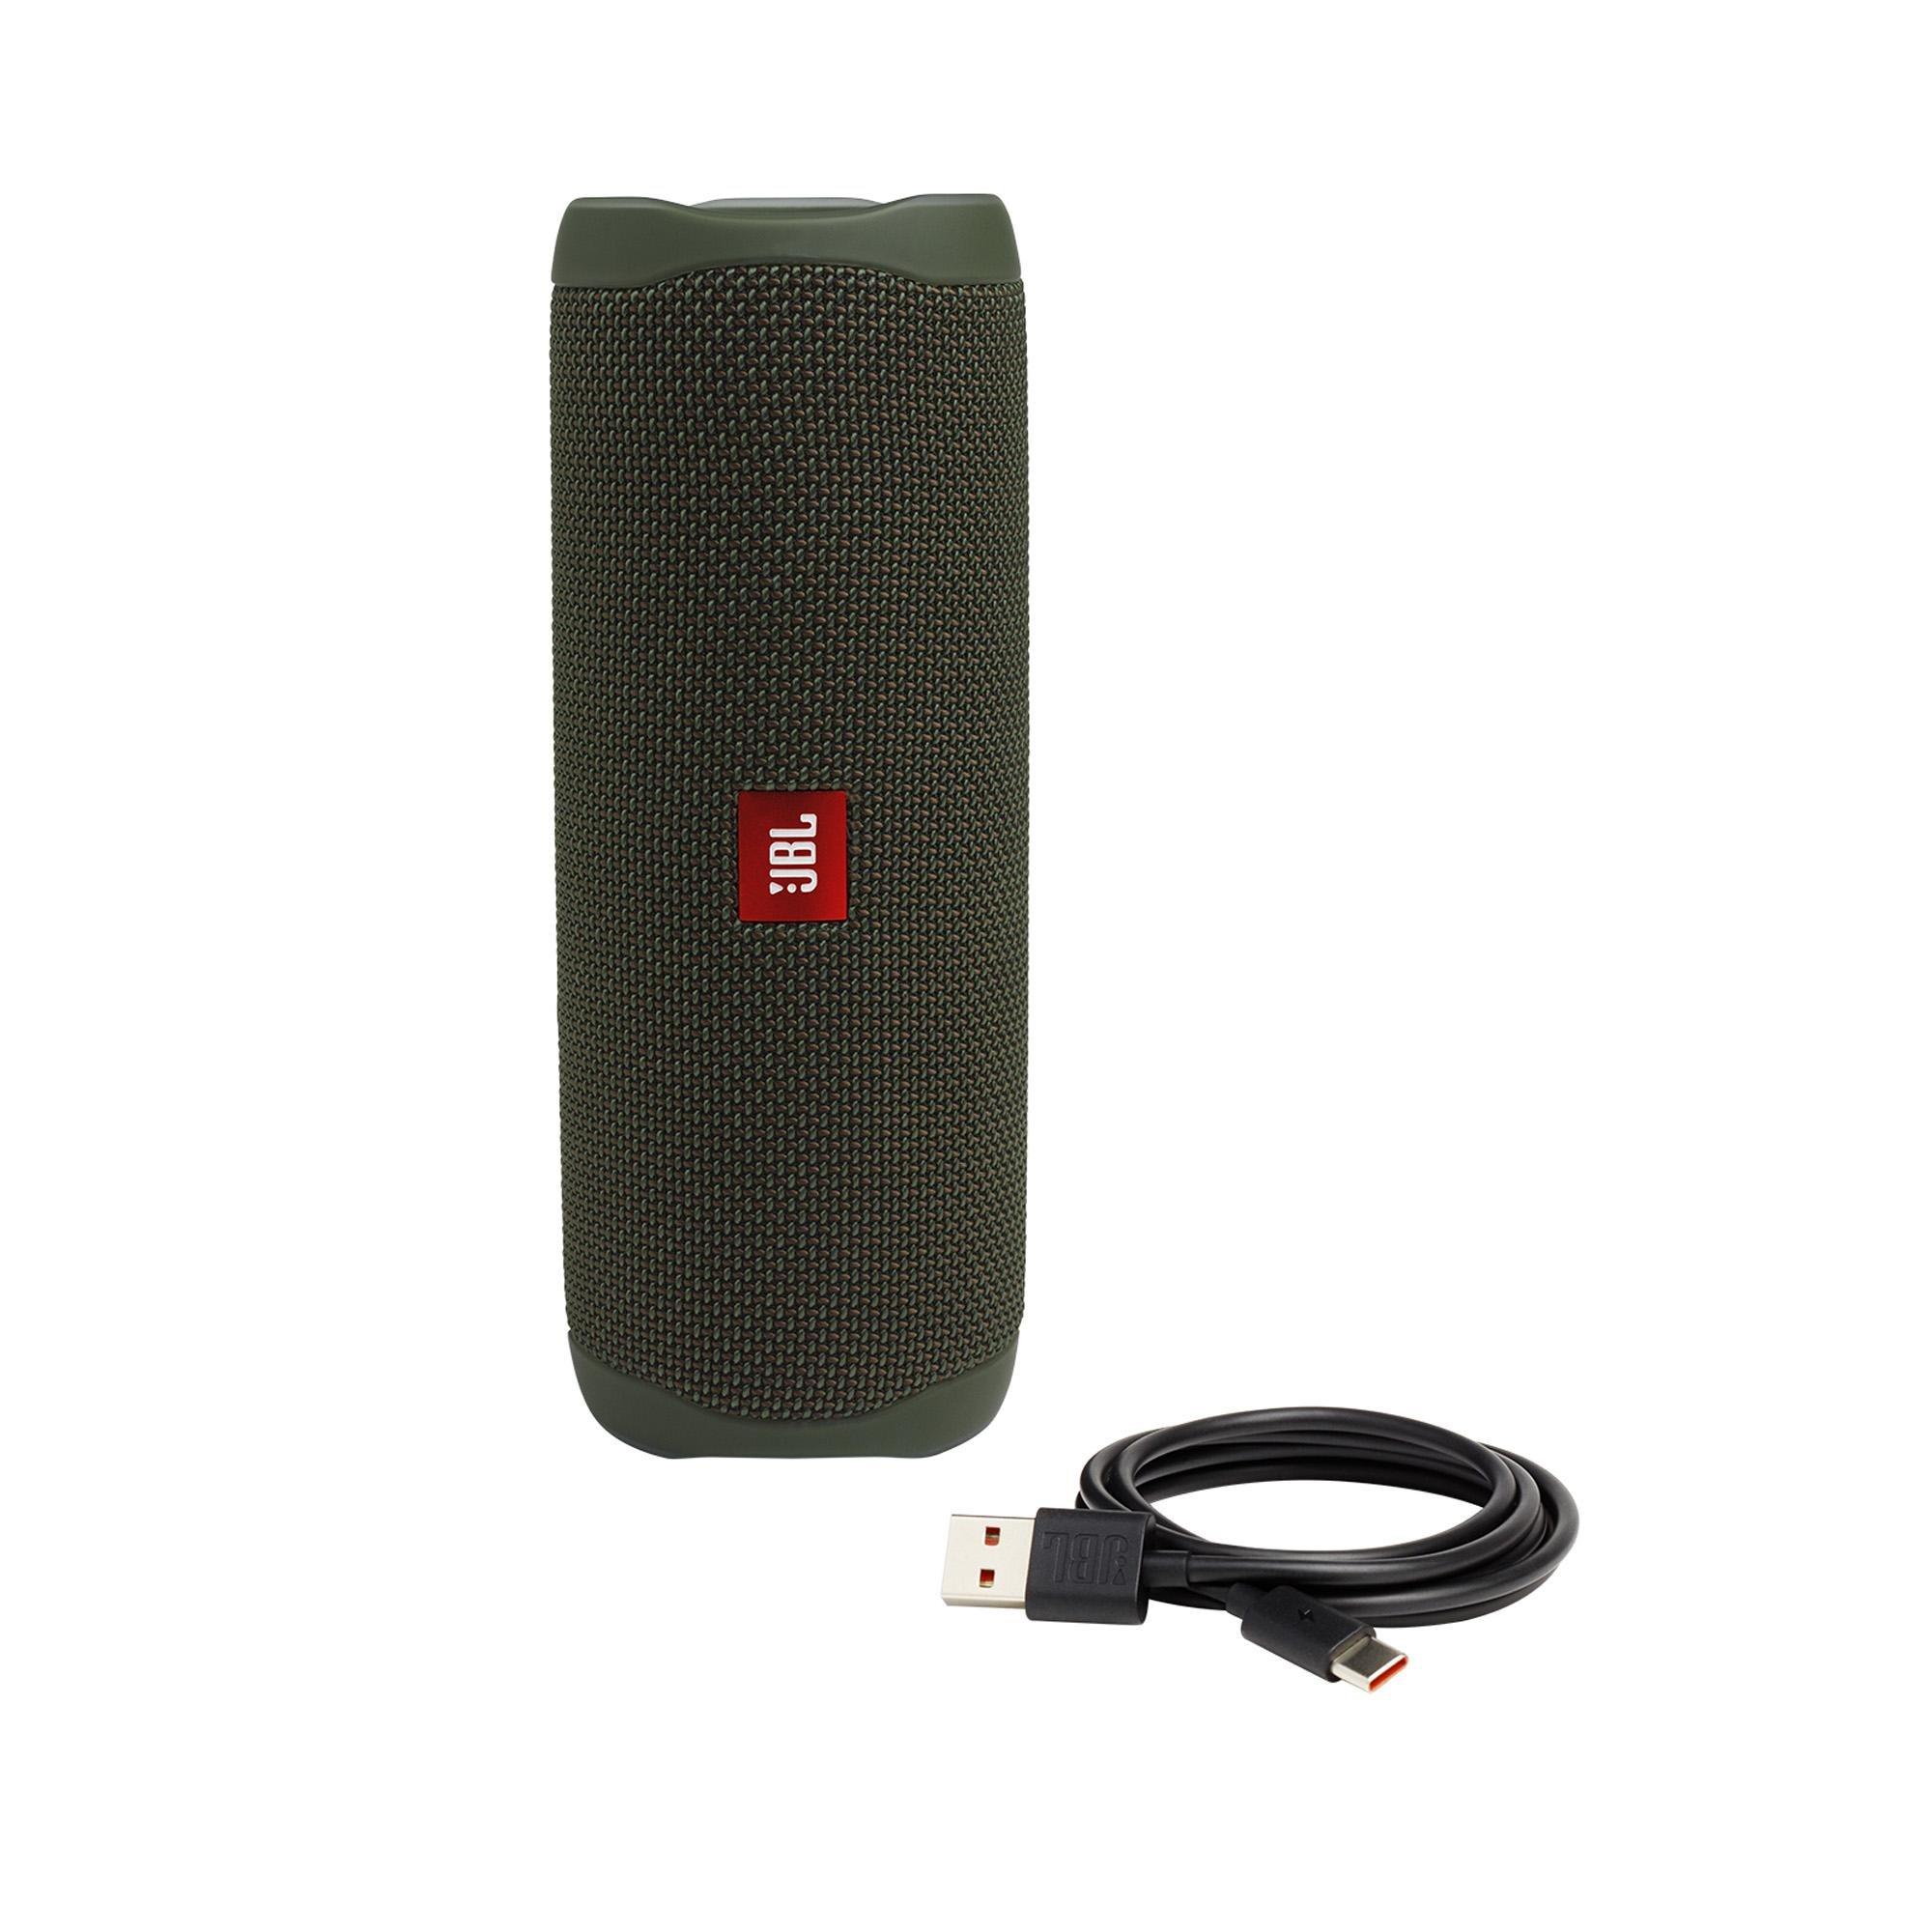 Caixa Multimídia Portátil Bluetooth FLIP 5 Verde JBL